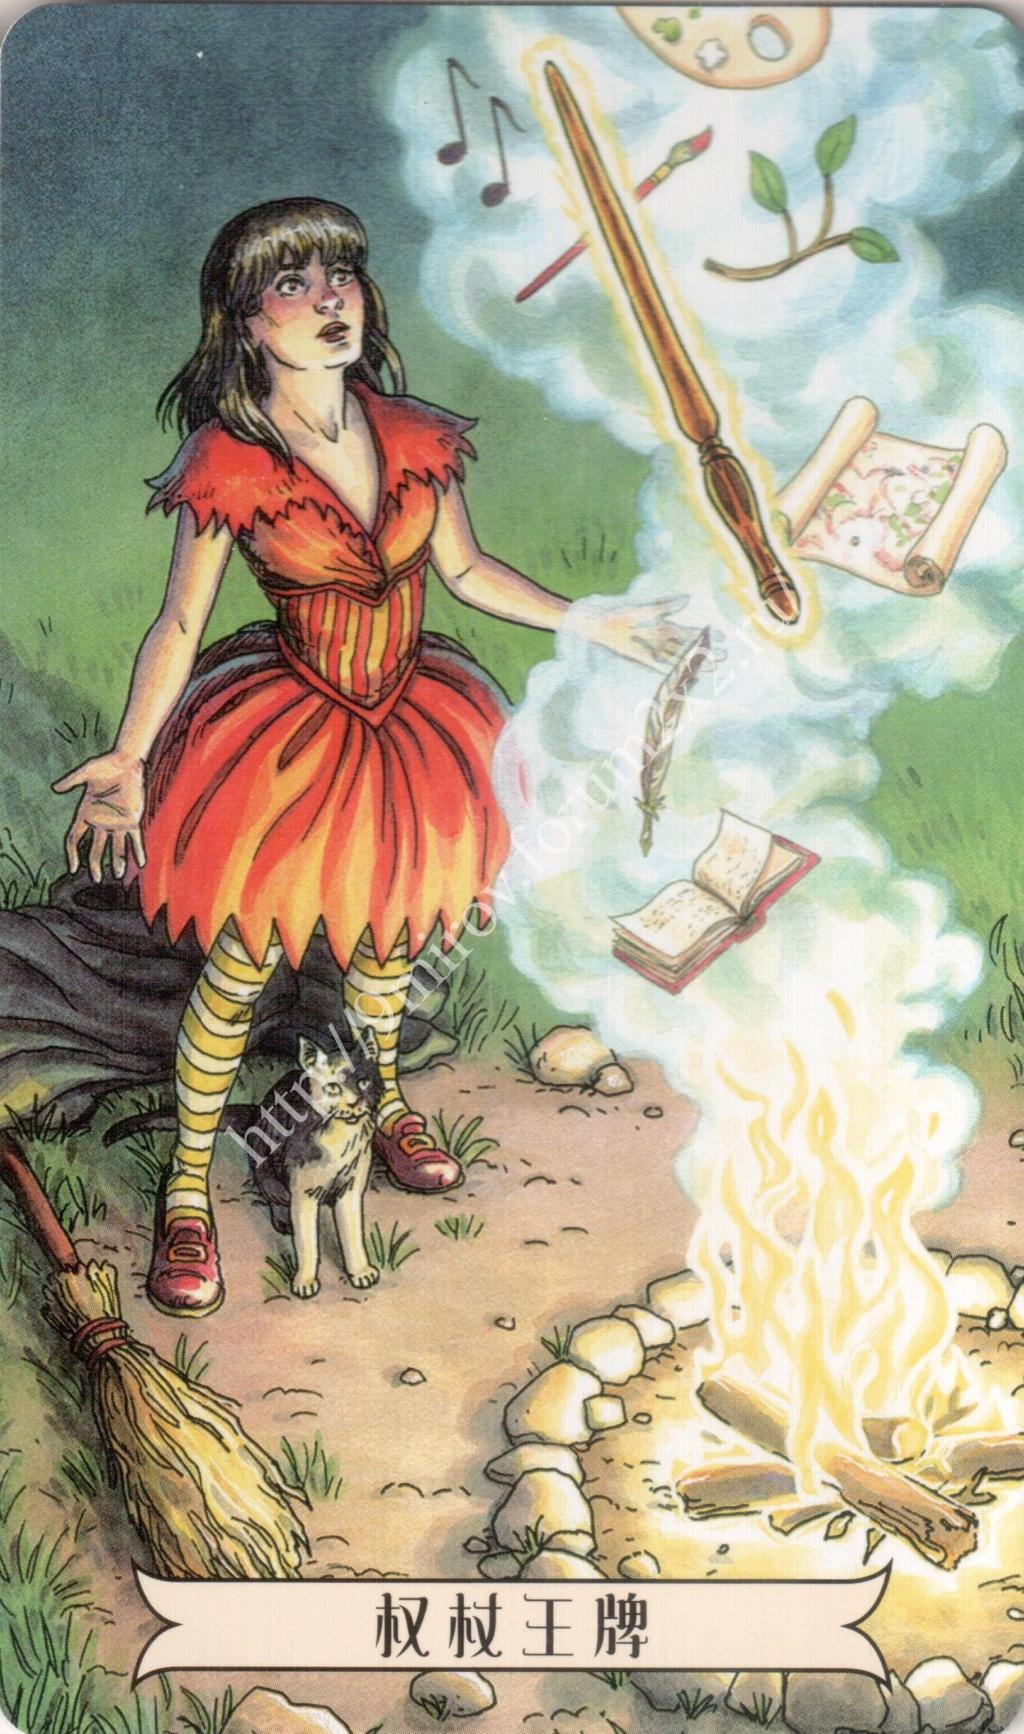 """""""Ведьма каждый день"""" (Ведьма день за днем, Everyday Witch Tarot). Китайская версия. Галерея.   Waterm45"""